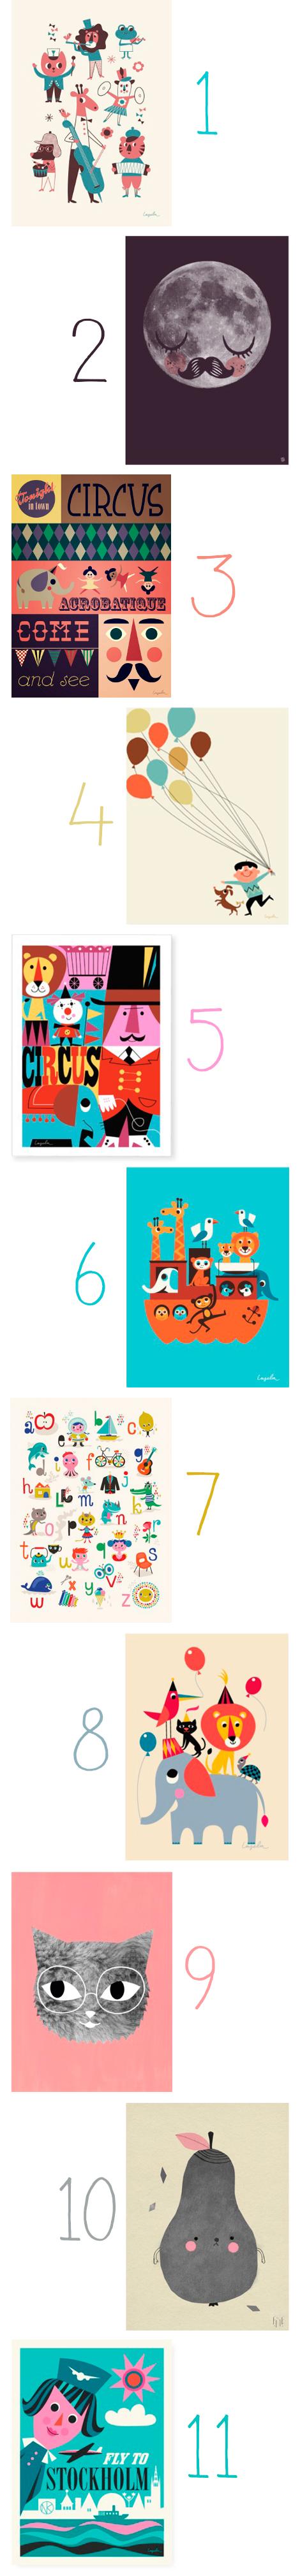 Kinderkamer-poster